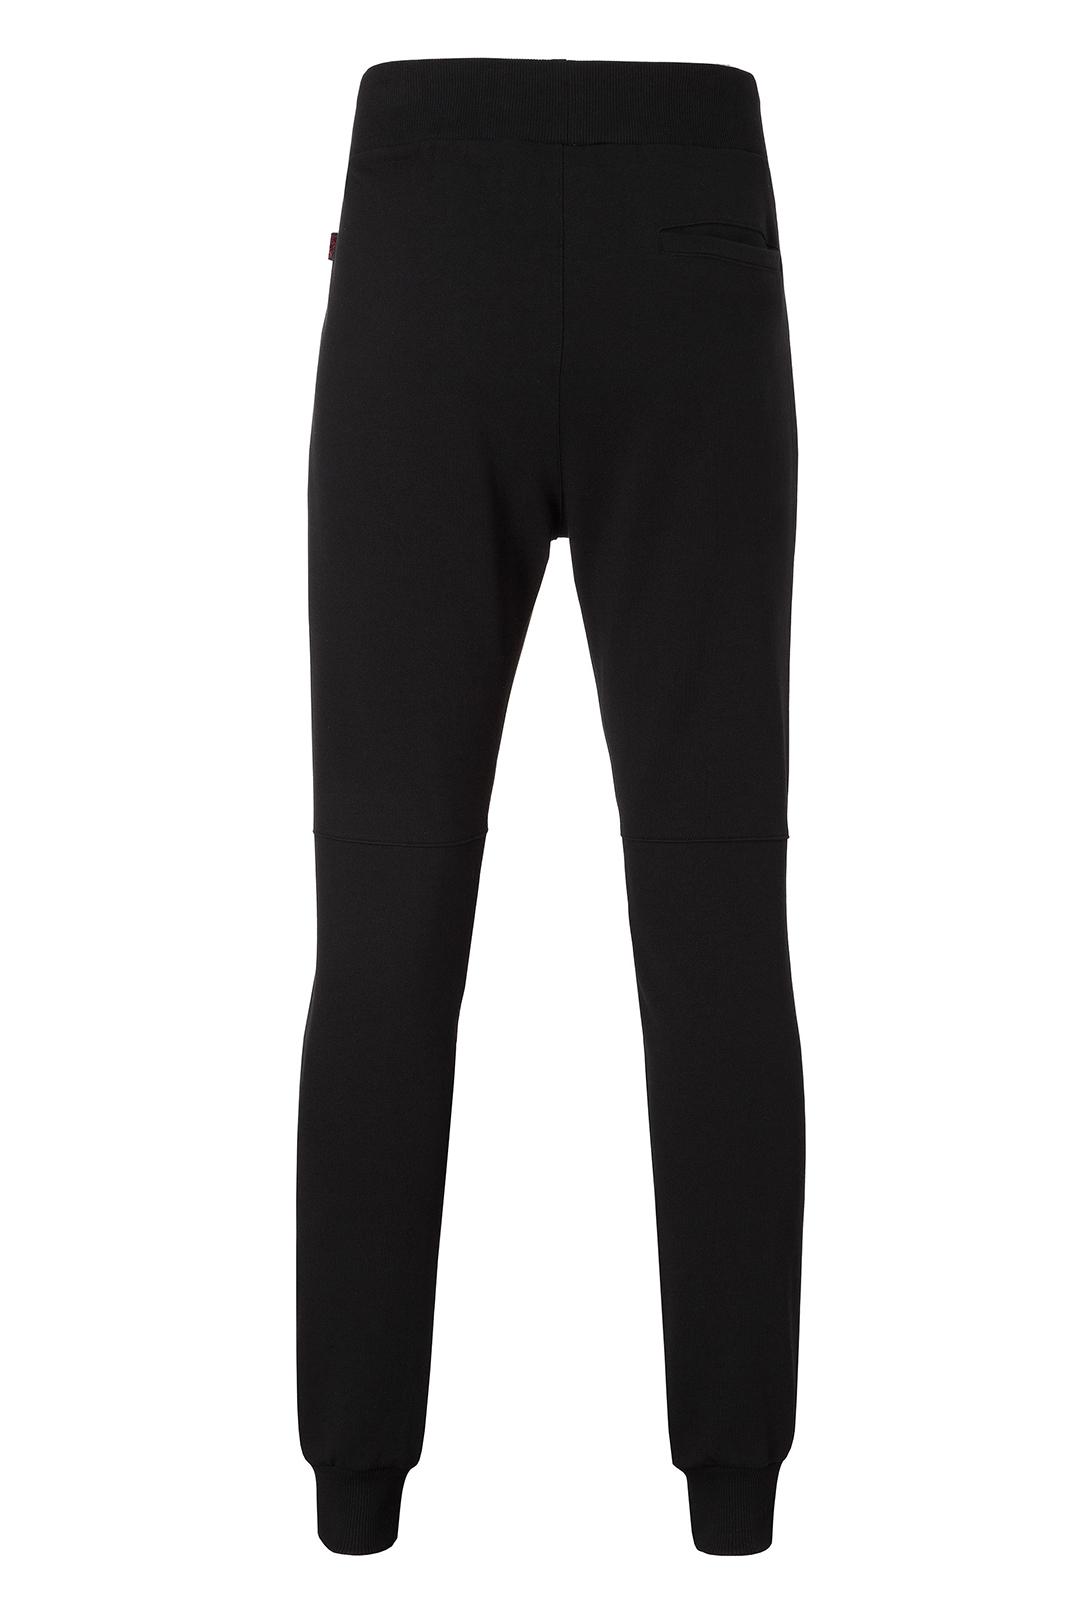 Pantalons sport/streetwear  Plein Sport F17C MJT0155 02 BLACK